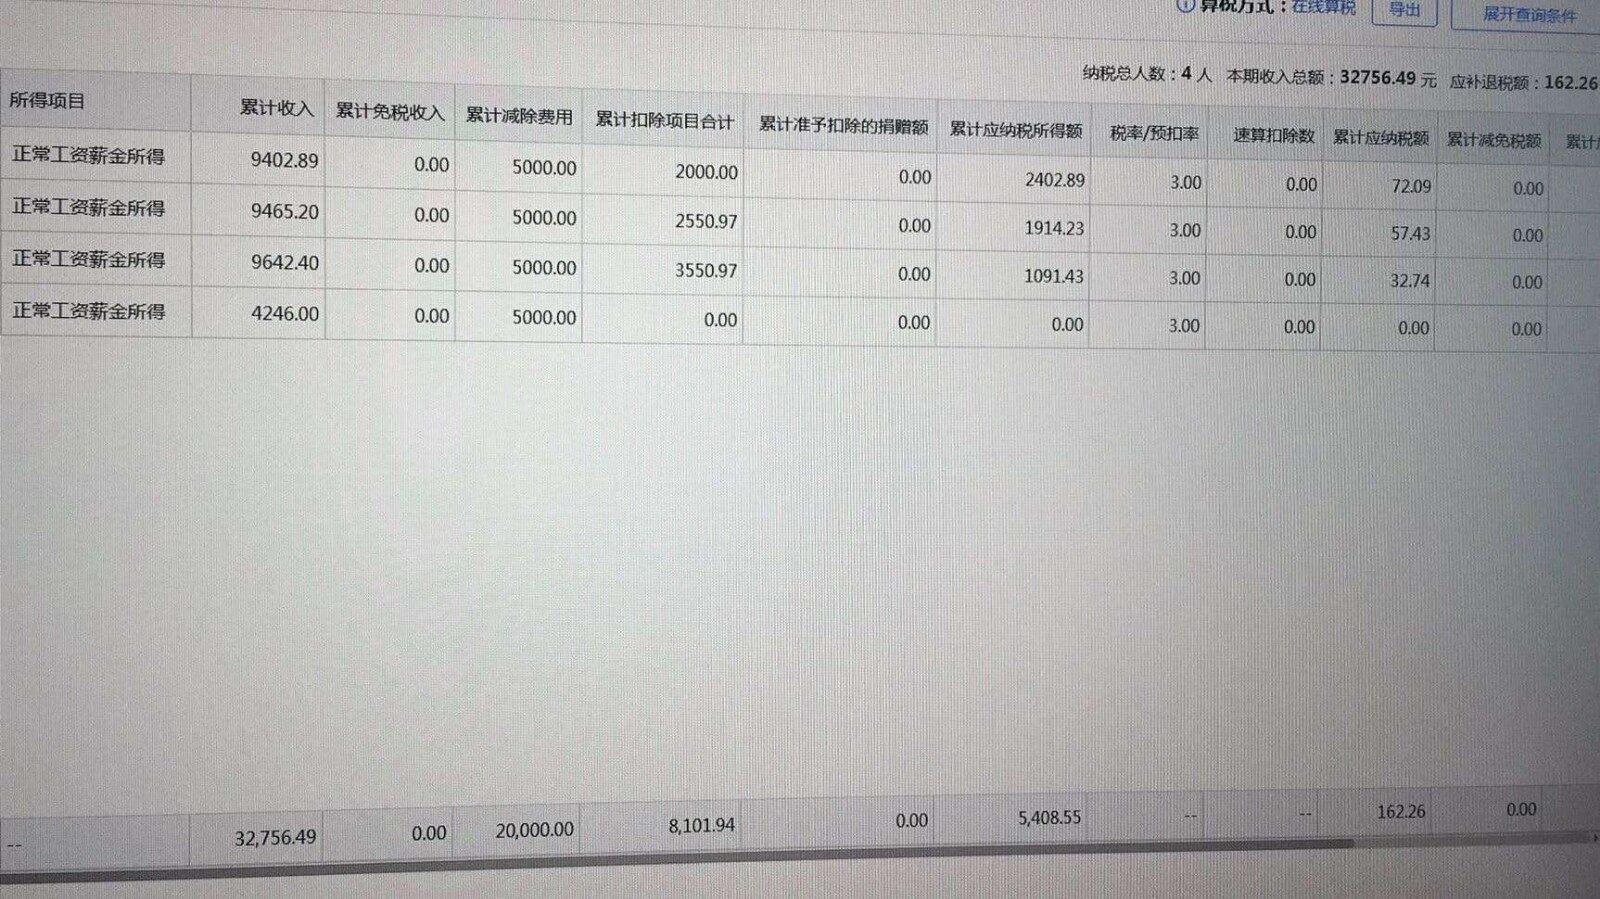 老师,这个我昨天申报税款所属期1月份的12月工资的申报数据